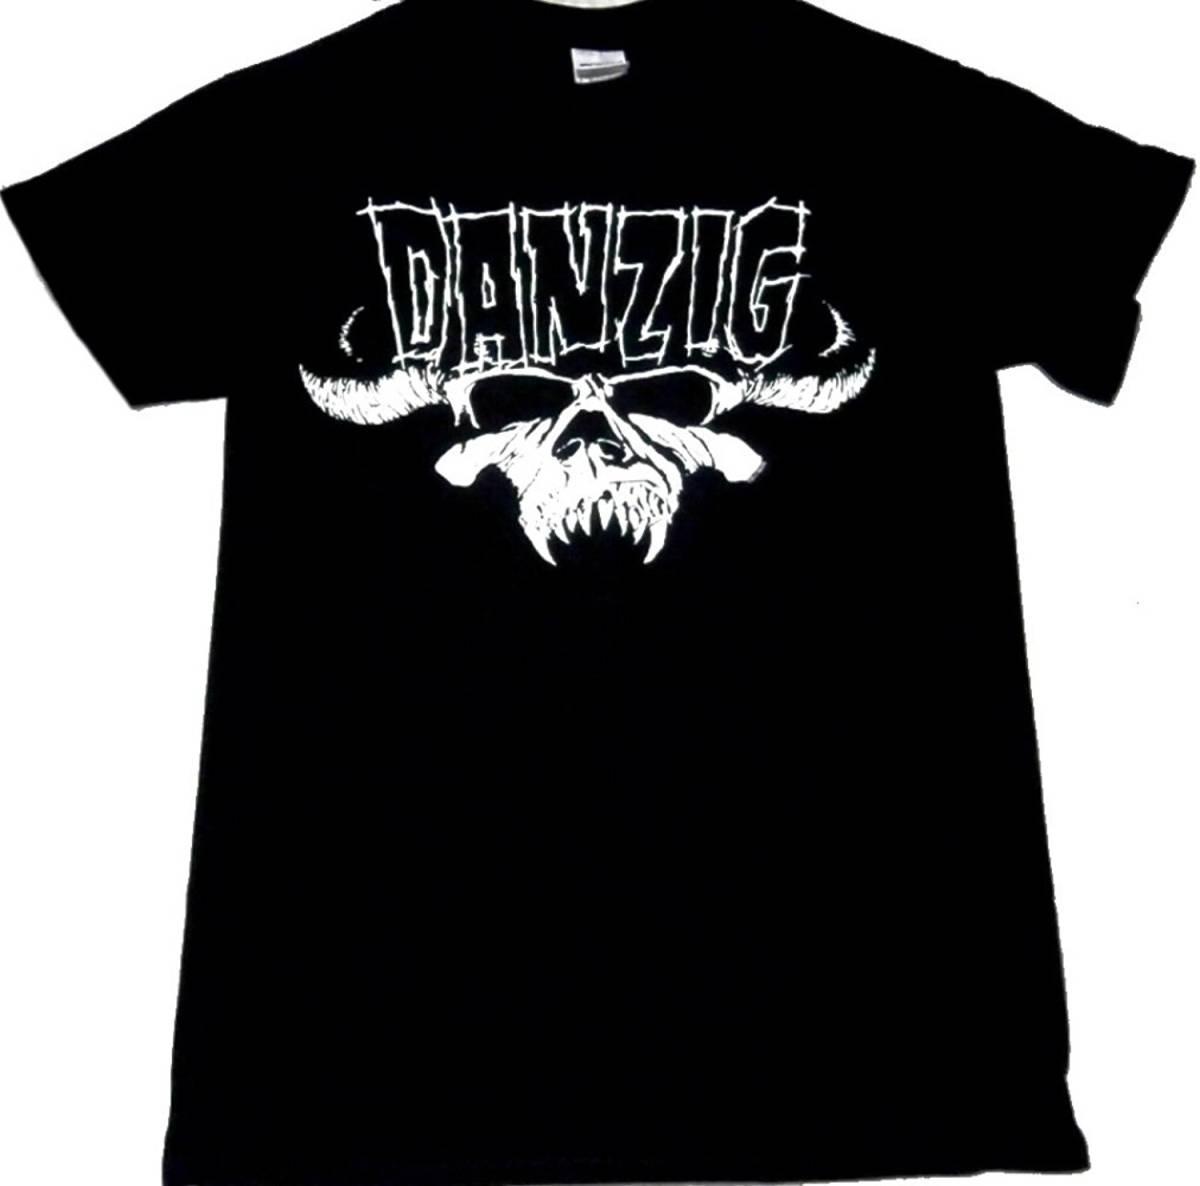 即決!DANZIG Tシャツ L/XLサイズ 新品未着用【送料164円】